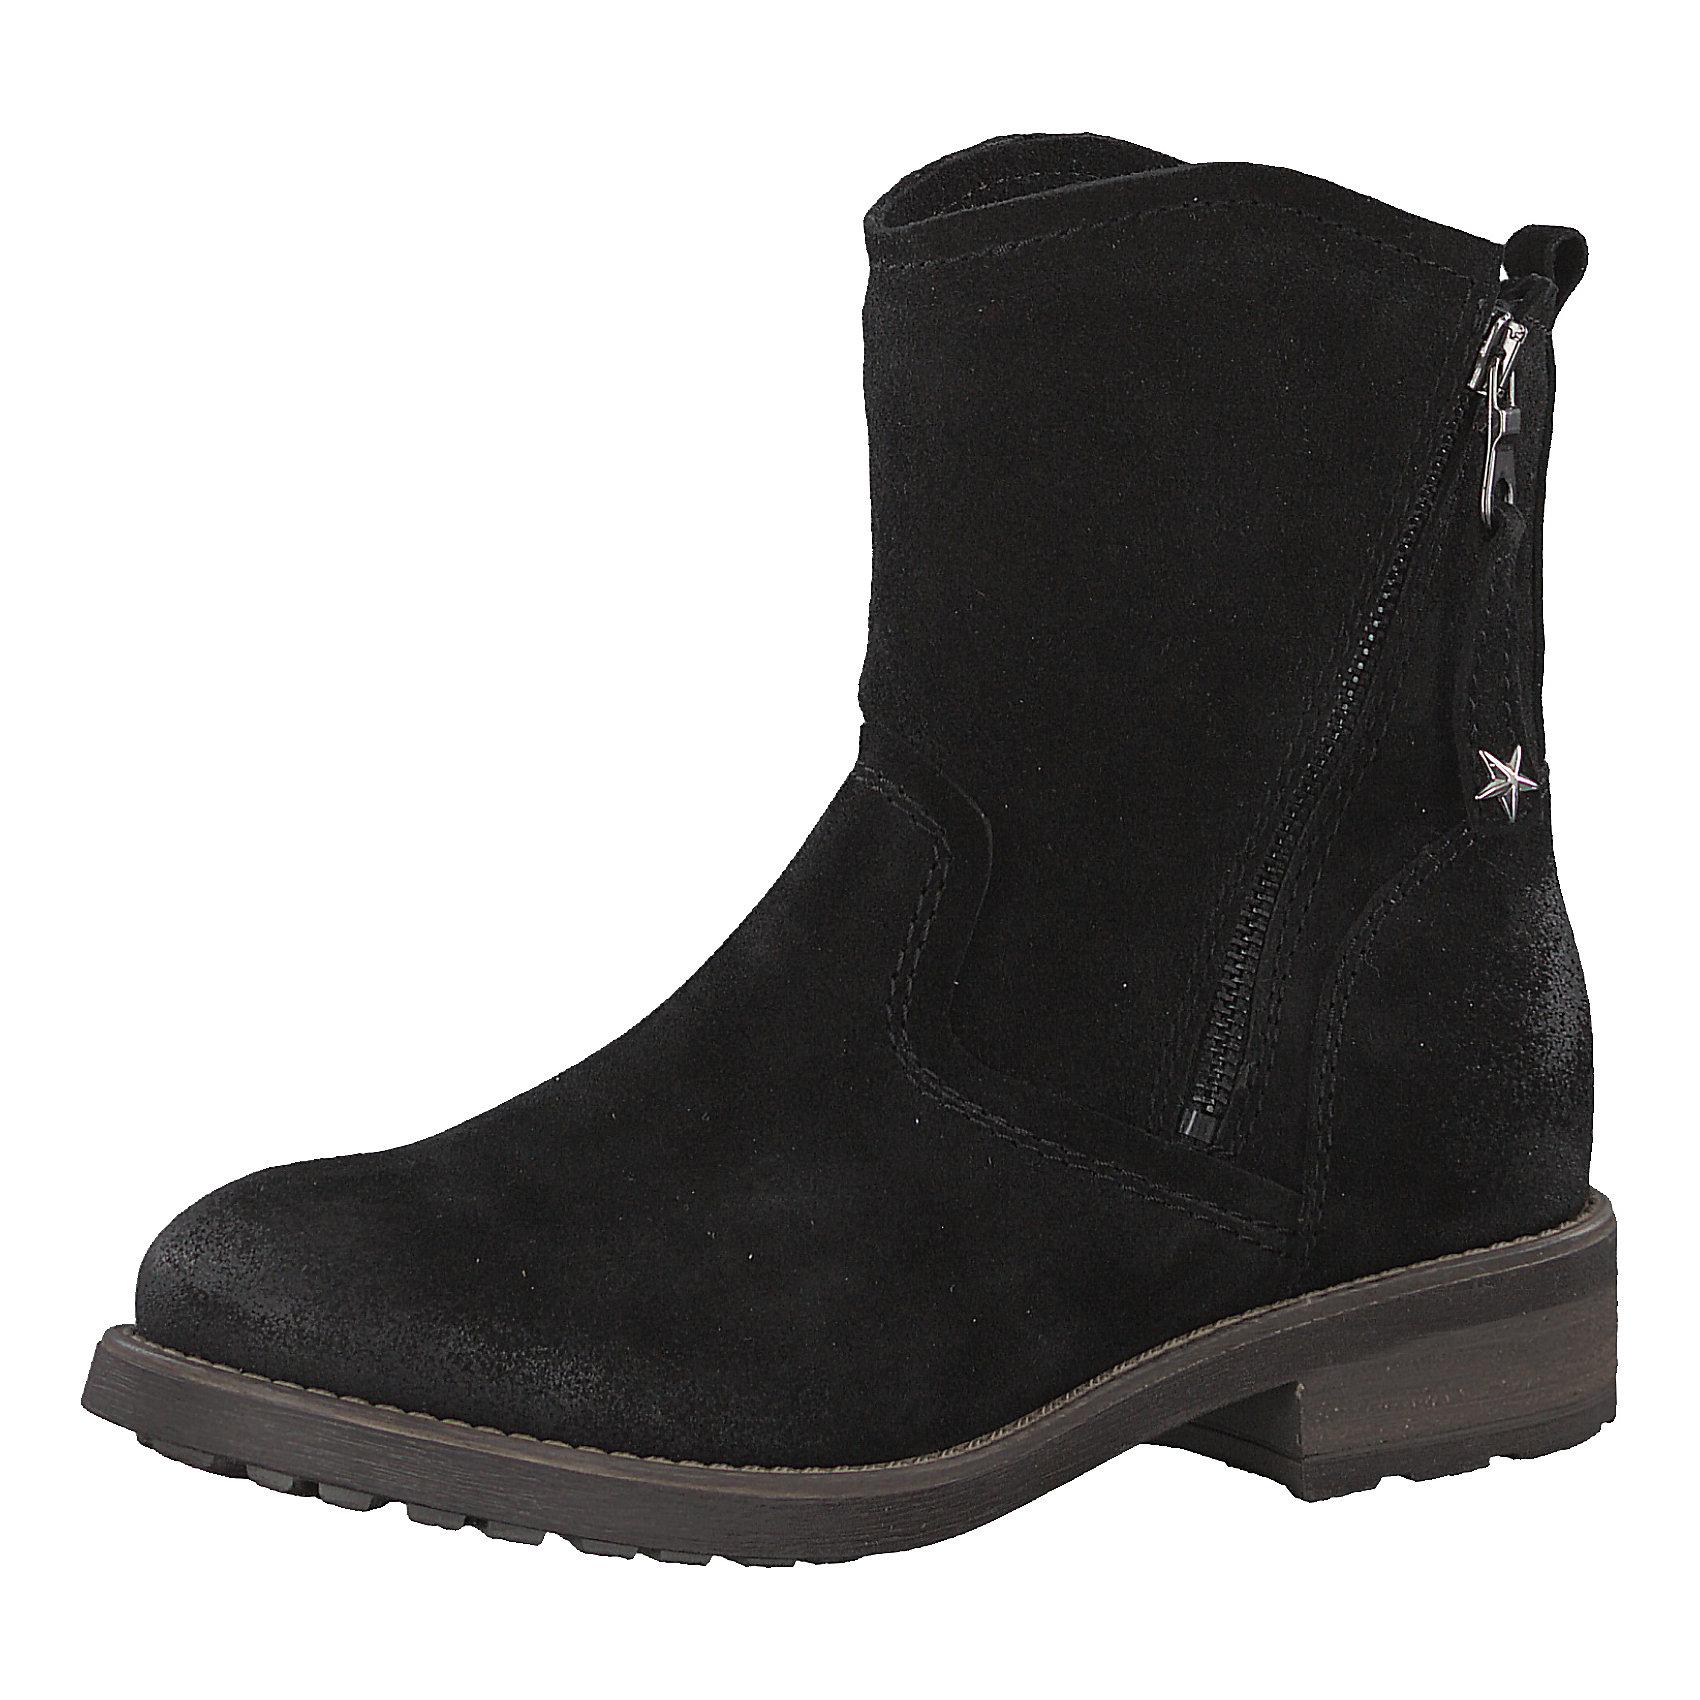 Neu Tamaris Stiefeletten 6881098 für Damen schwarz schwarz schwarz grau 75149f